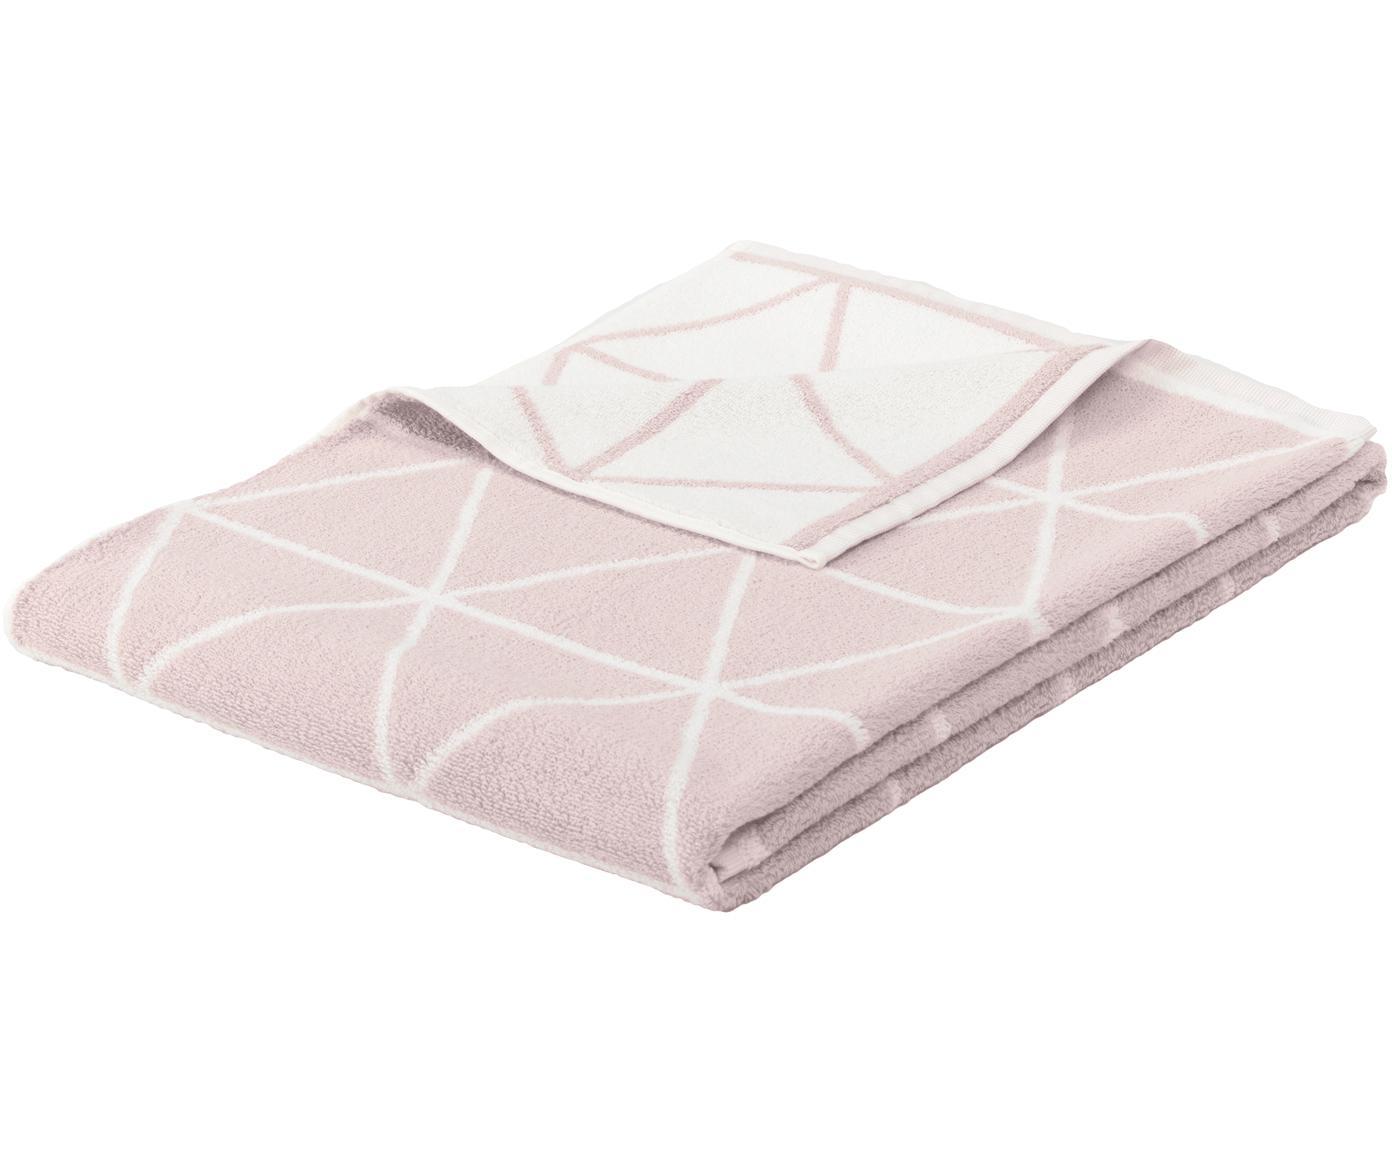 Dwustronny ręcznik Elina, Blady różowy, kremowobiały, Ręcznik do rąk